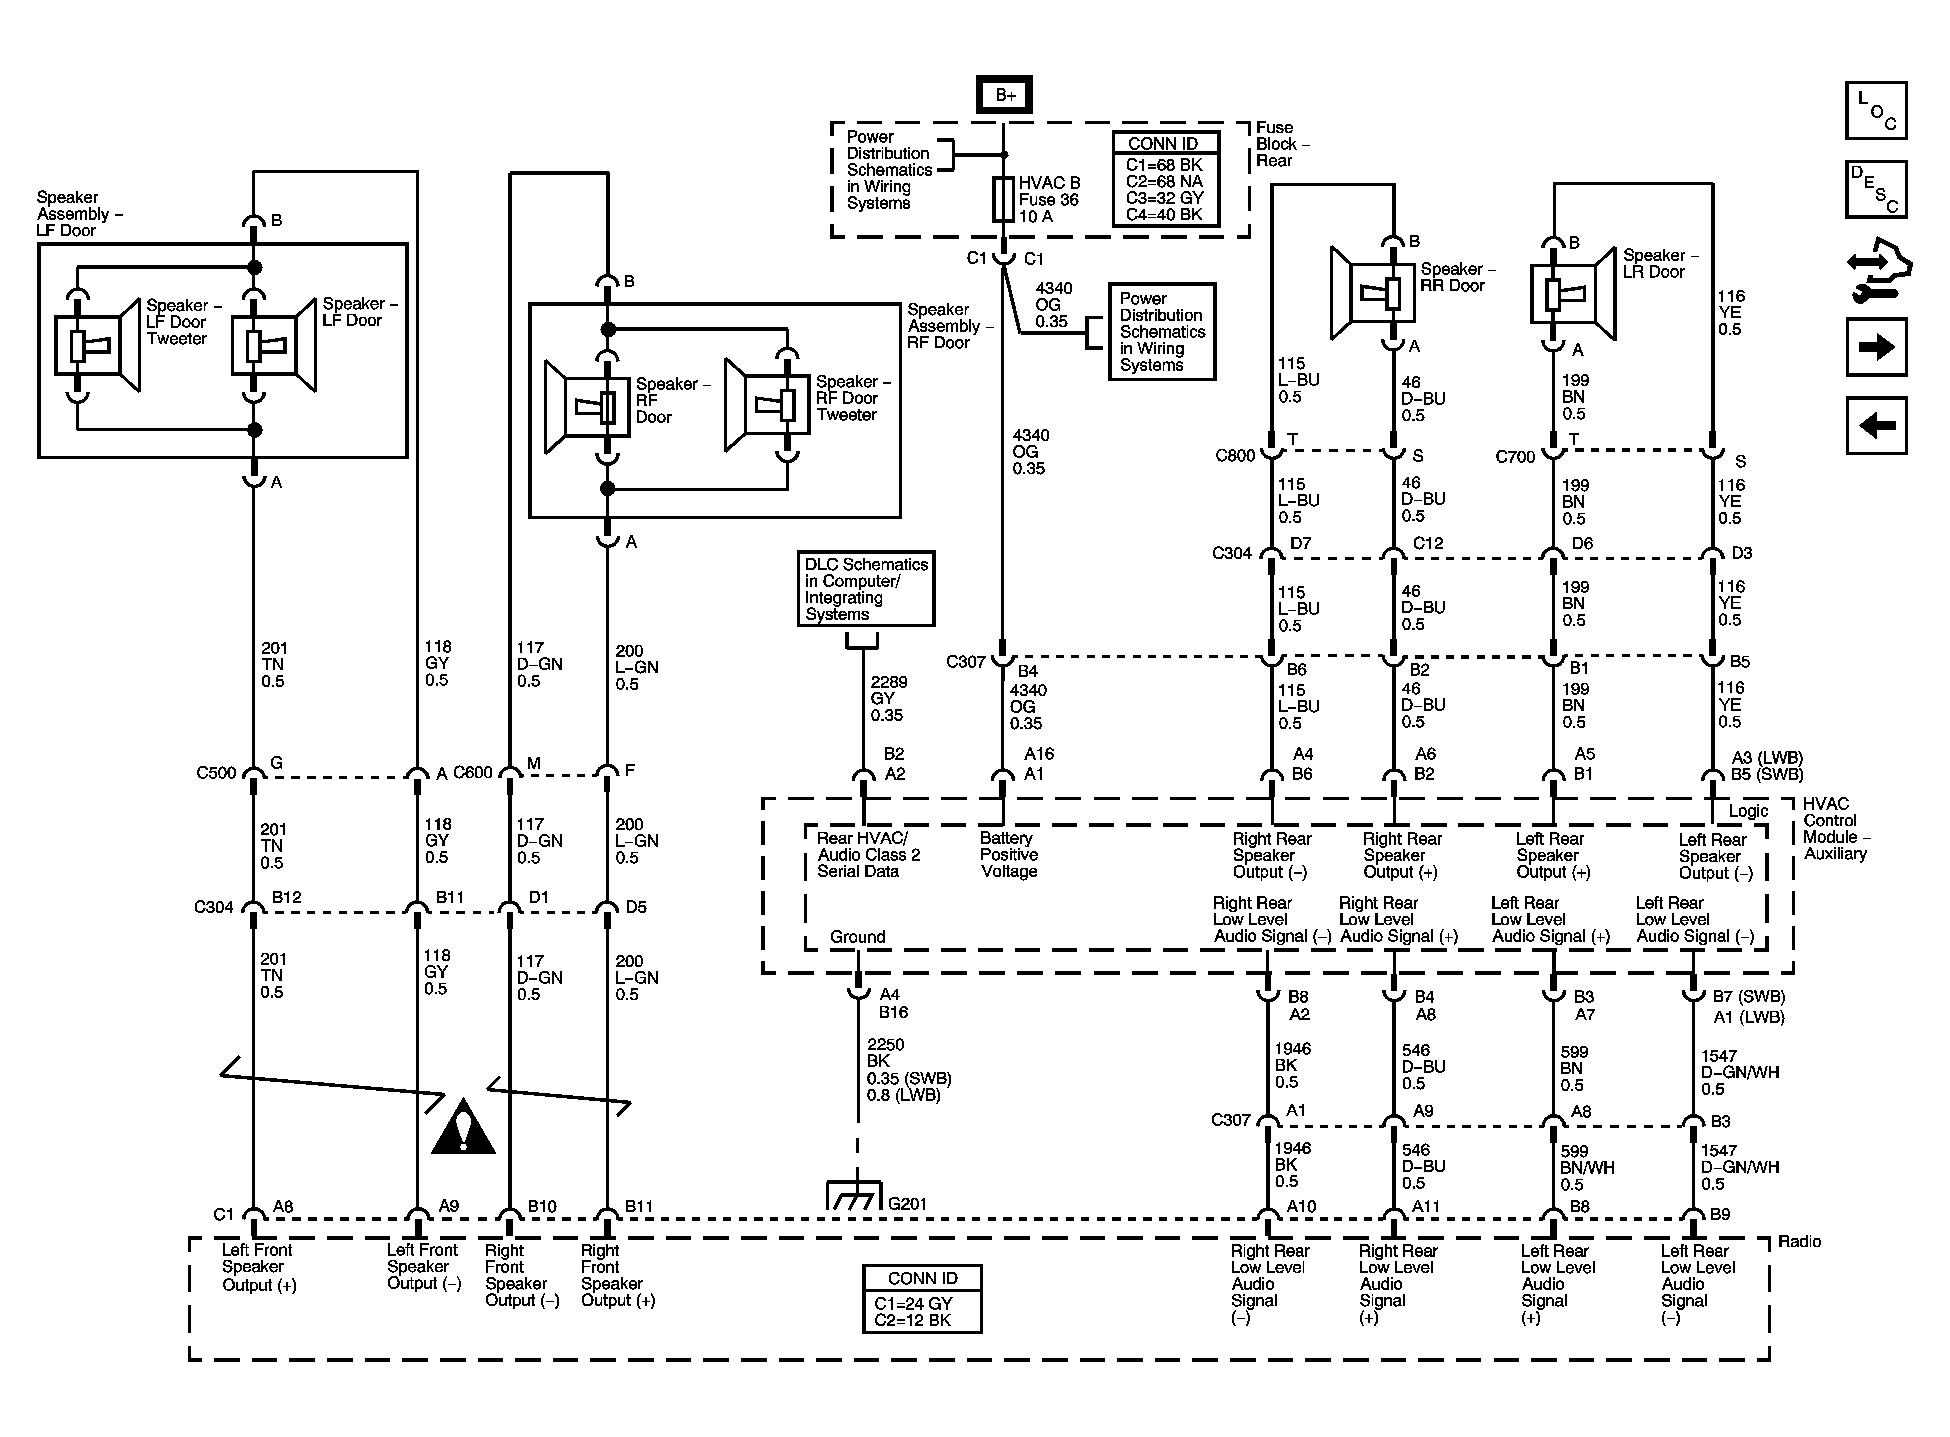 Chevy Trailblazer Fig 3 Base Radio